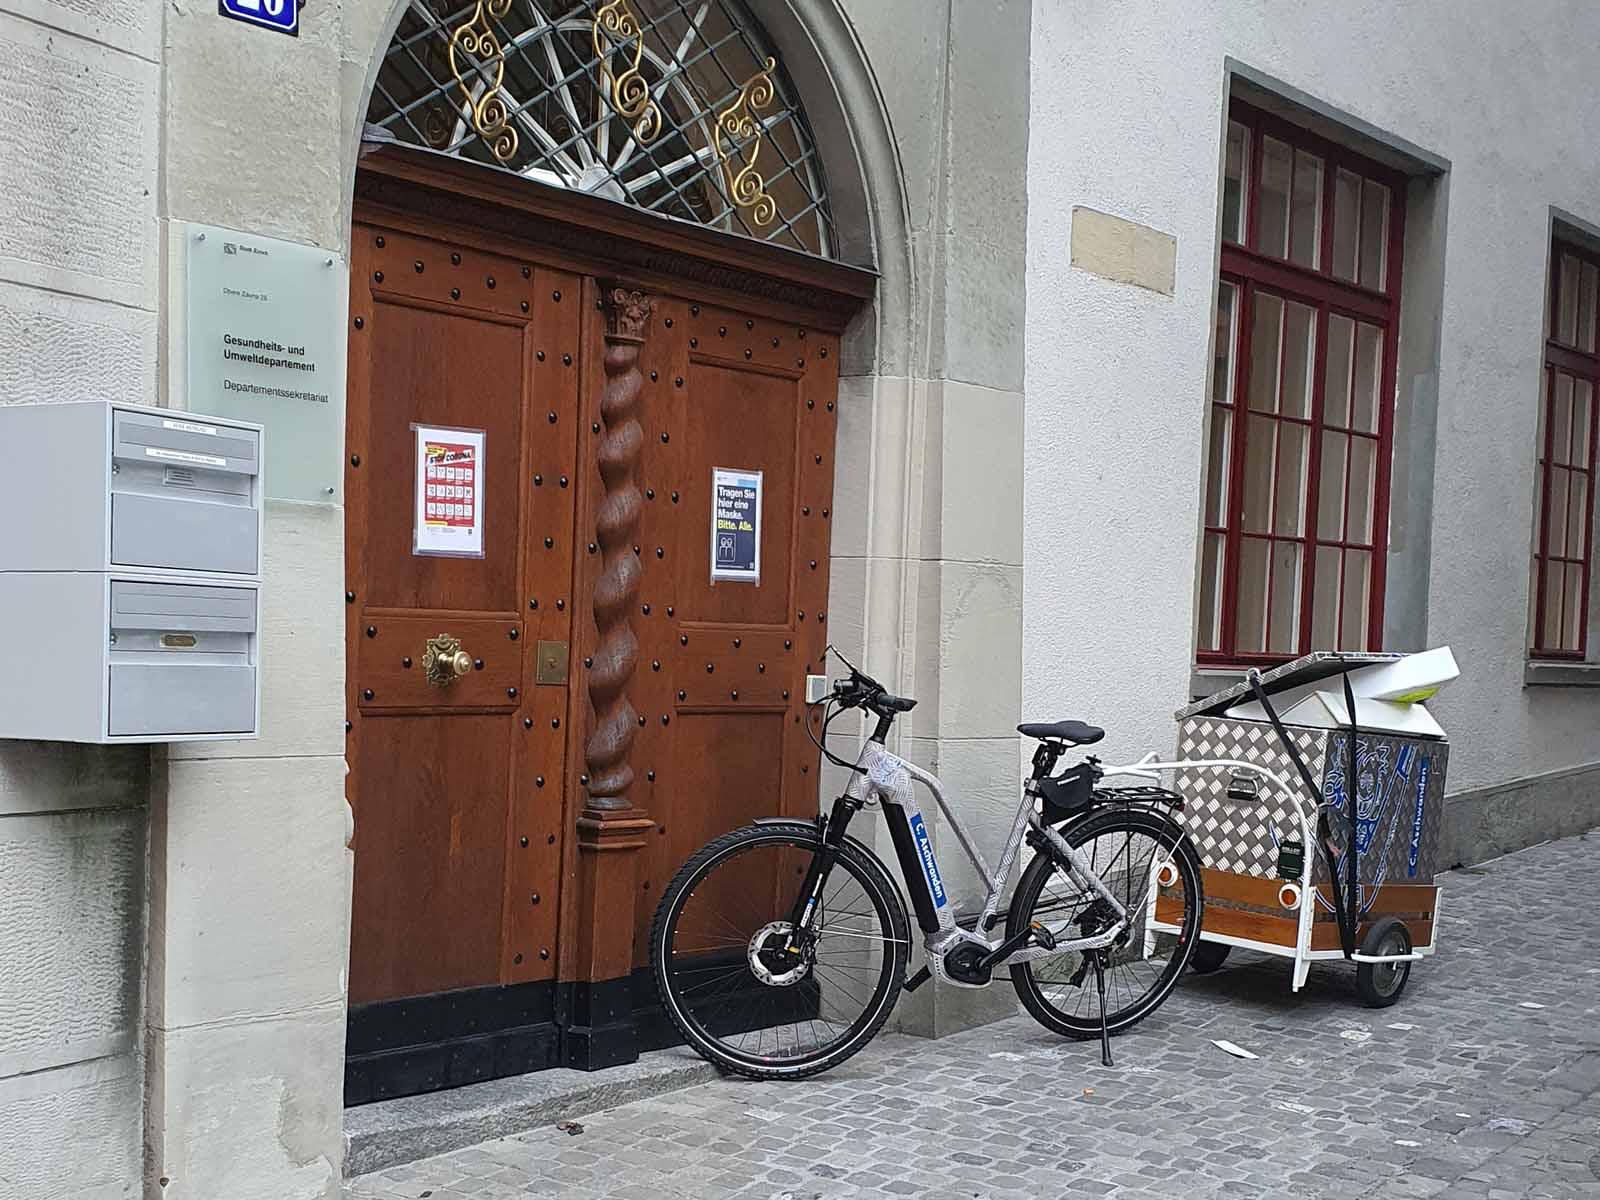 Mit E-Bike und dem guten alten Anhänger profitiert Aschwanden nun auch von den neuen Velowegen.